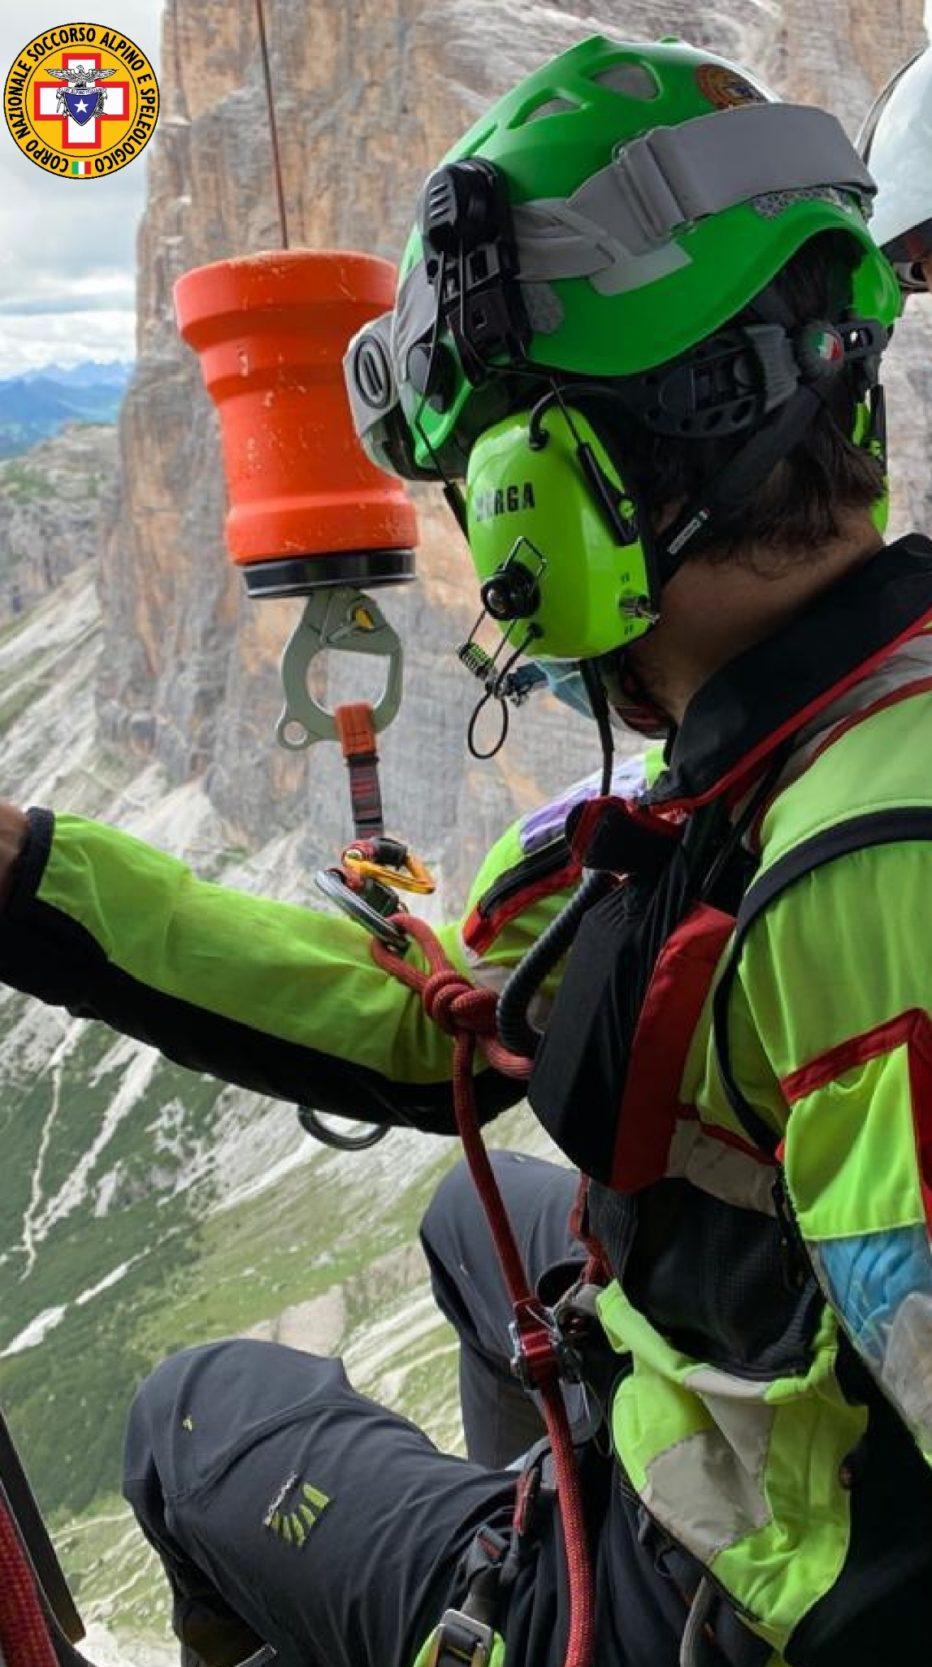 Recupero sulla ferrata Punta Anna a Cortina e soccorse escursioniste in difficoltà al Rifugio Cesa da Fuoch